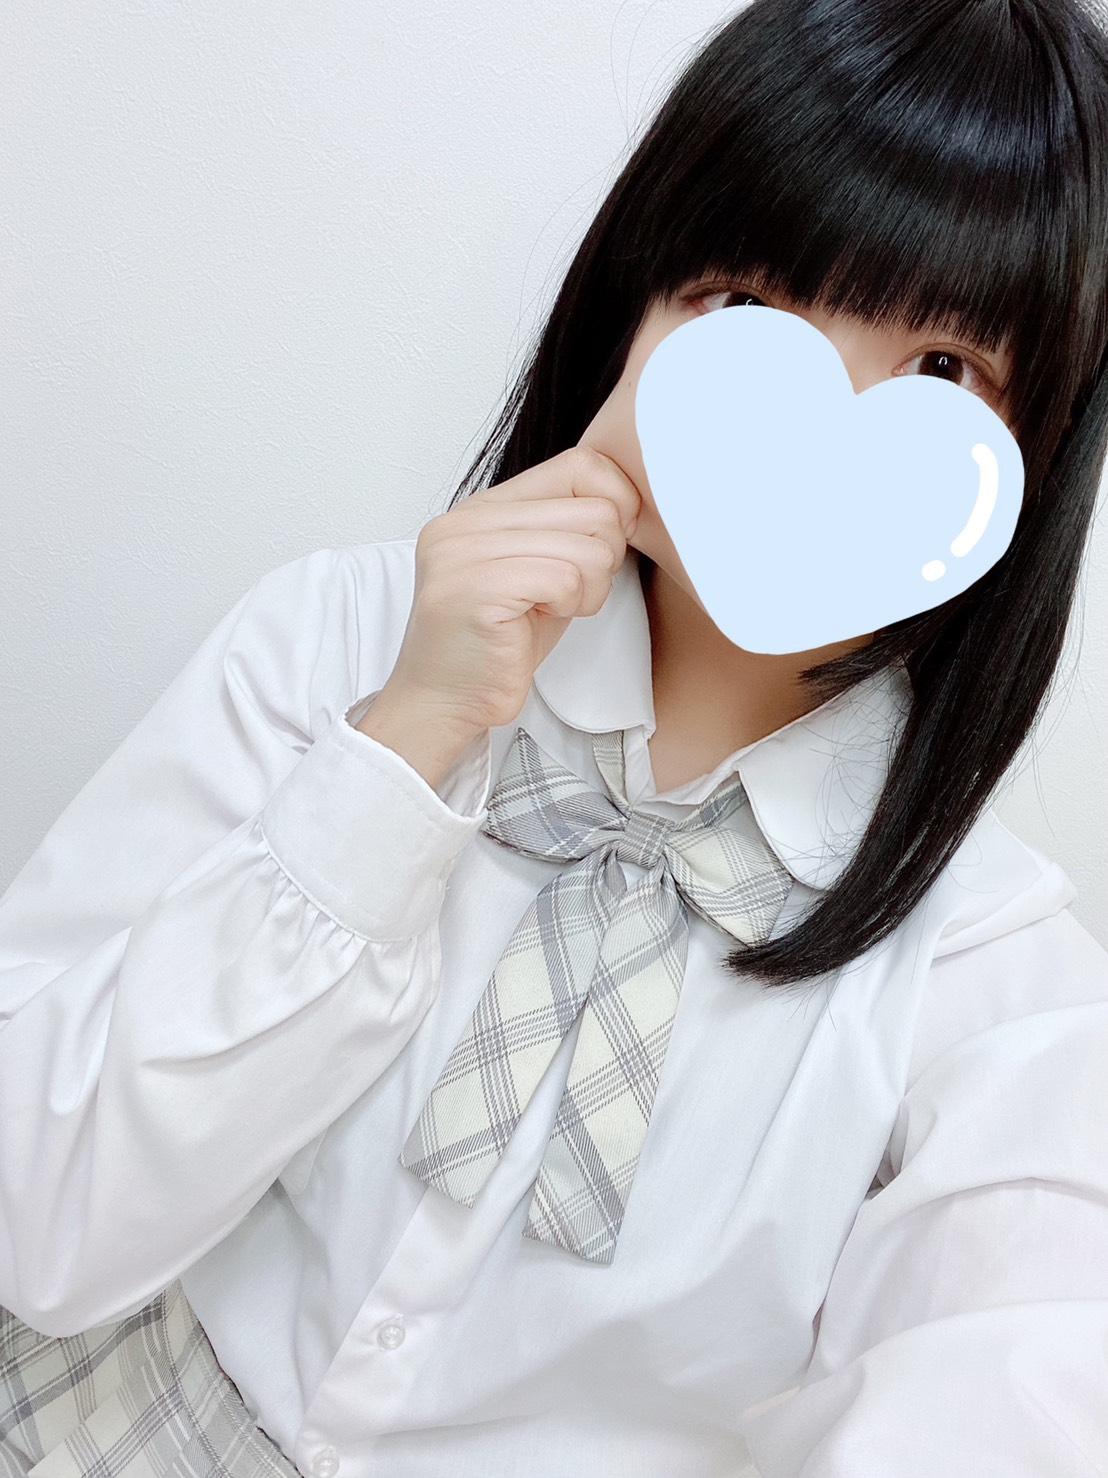 🔰ひなり【7/31体験入店】【ほんわかふわふわ黒髪清楚系美少女!!!!】